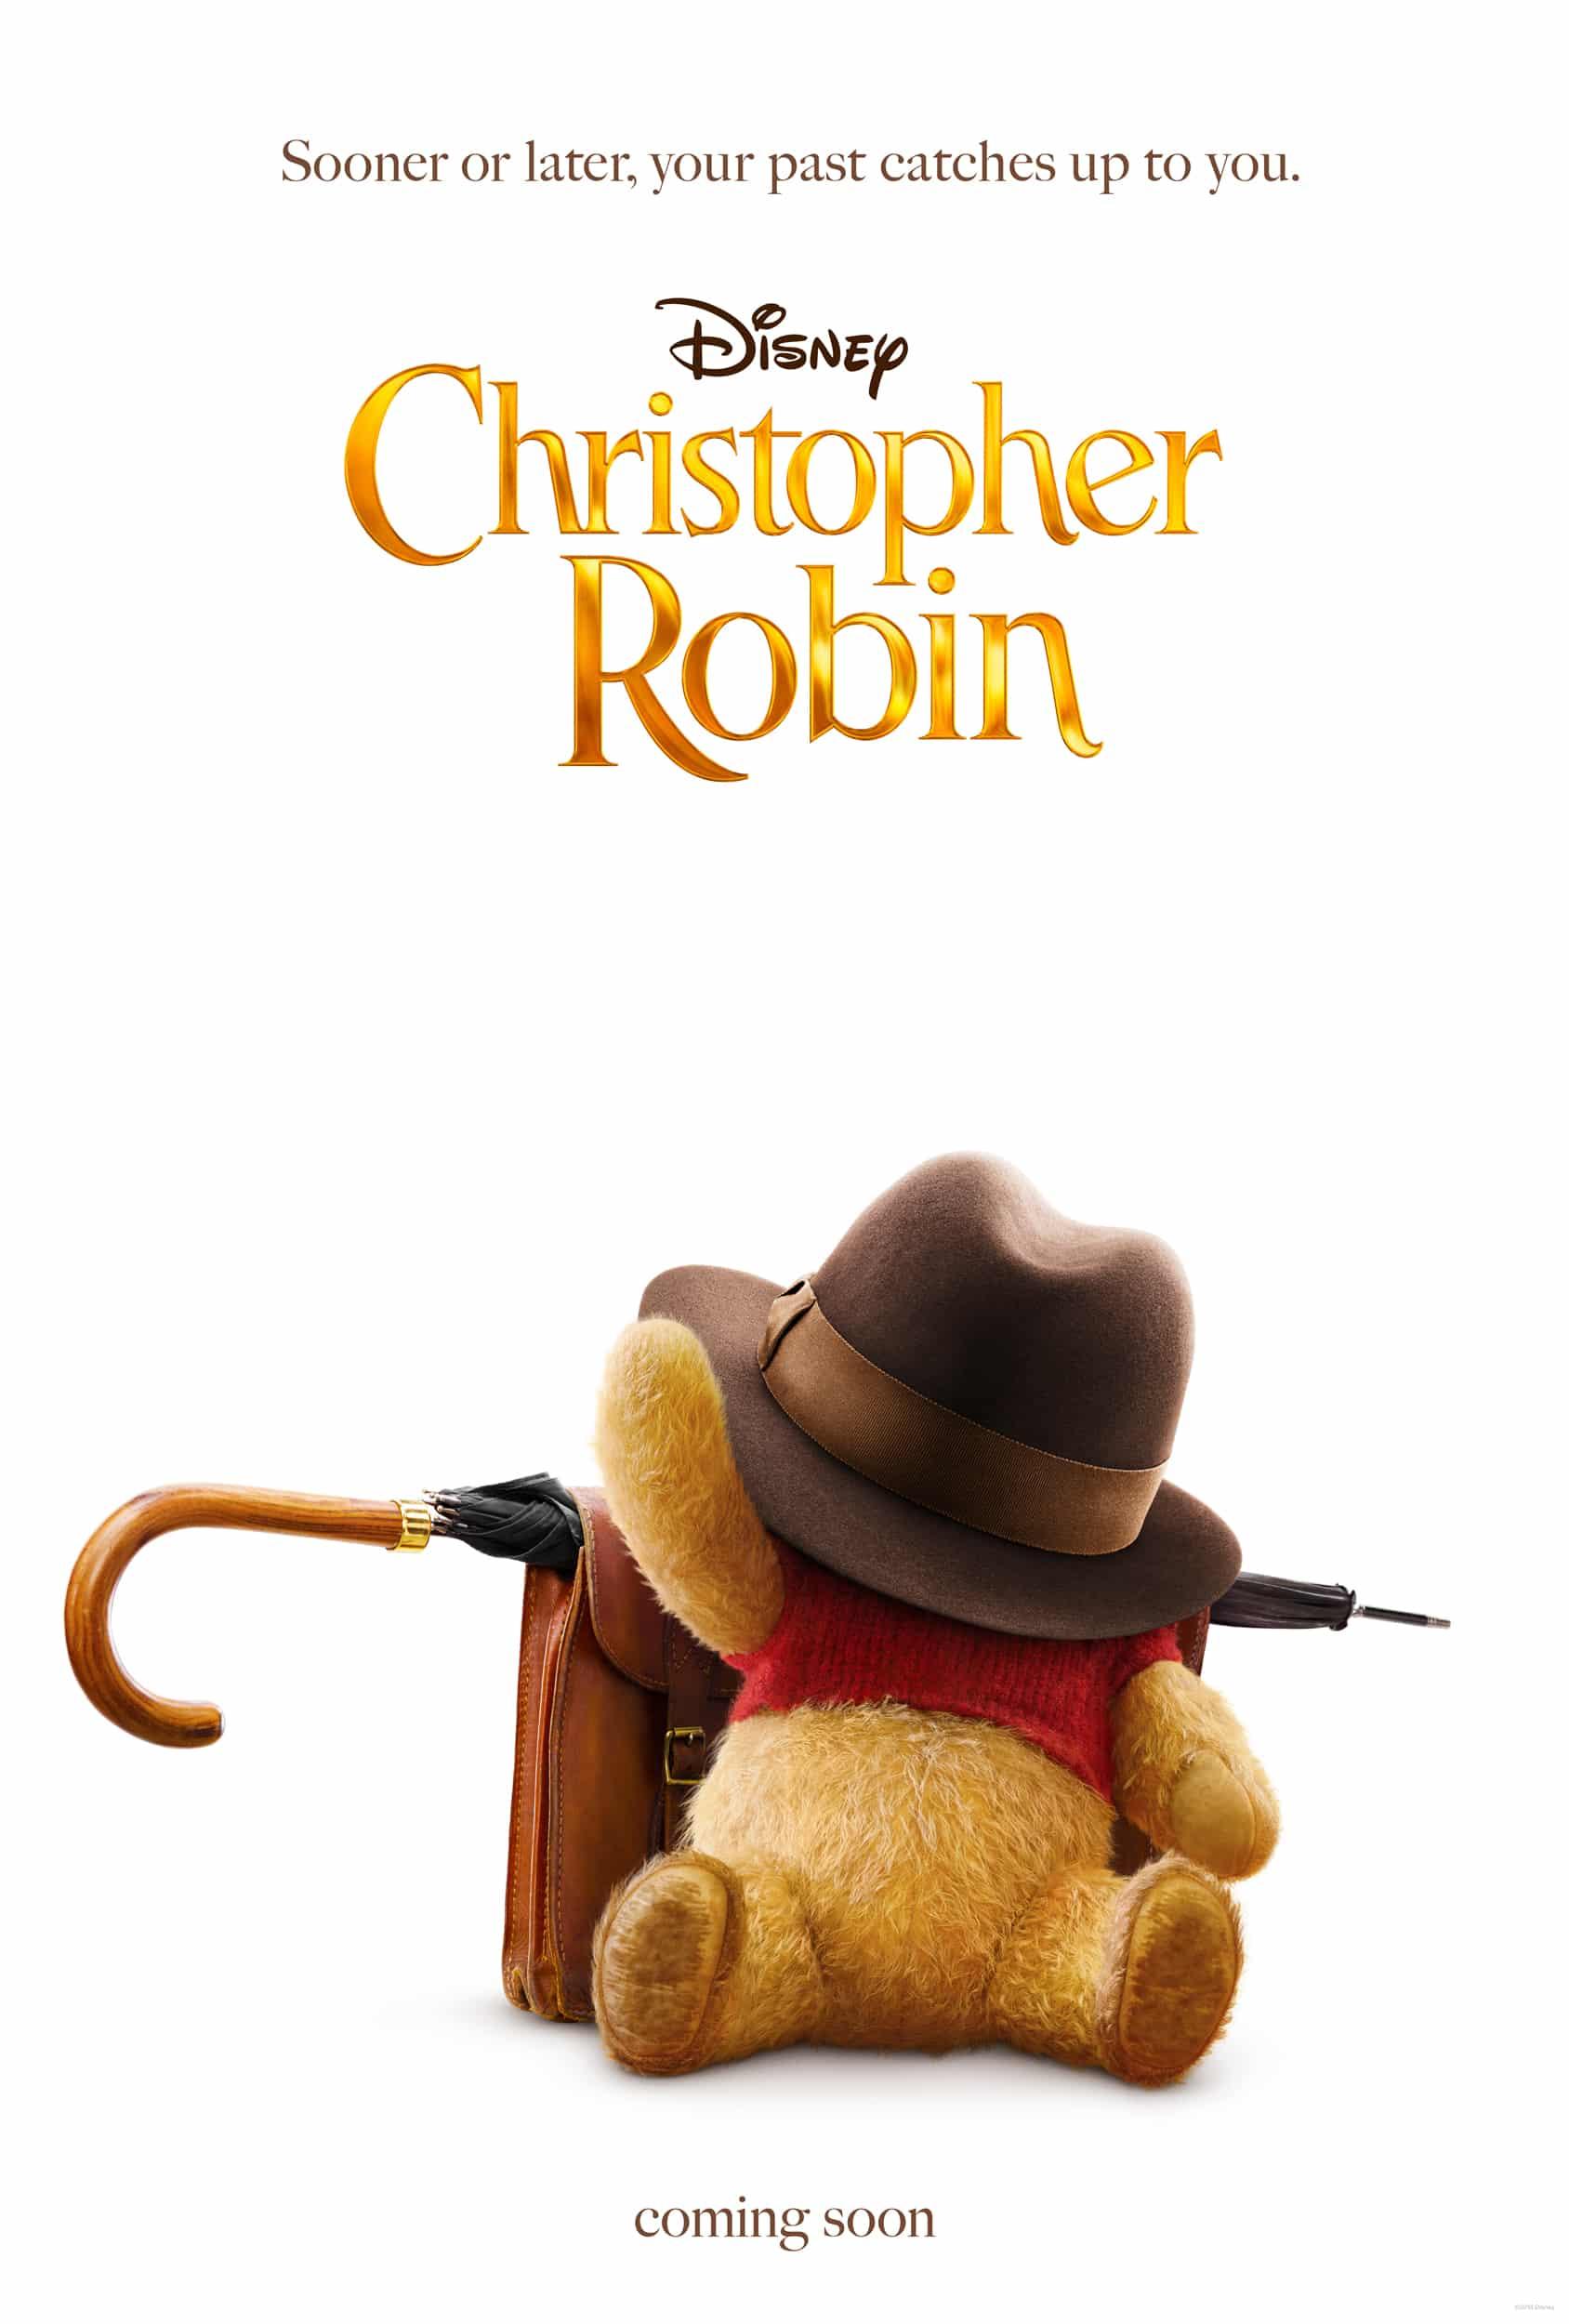 Oficiálny teaser plagát na hranú Disneyovku, Christopher Robin